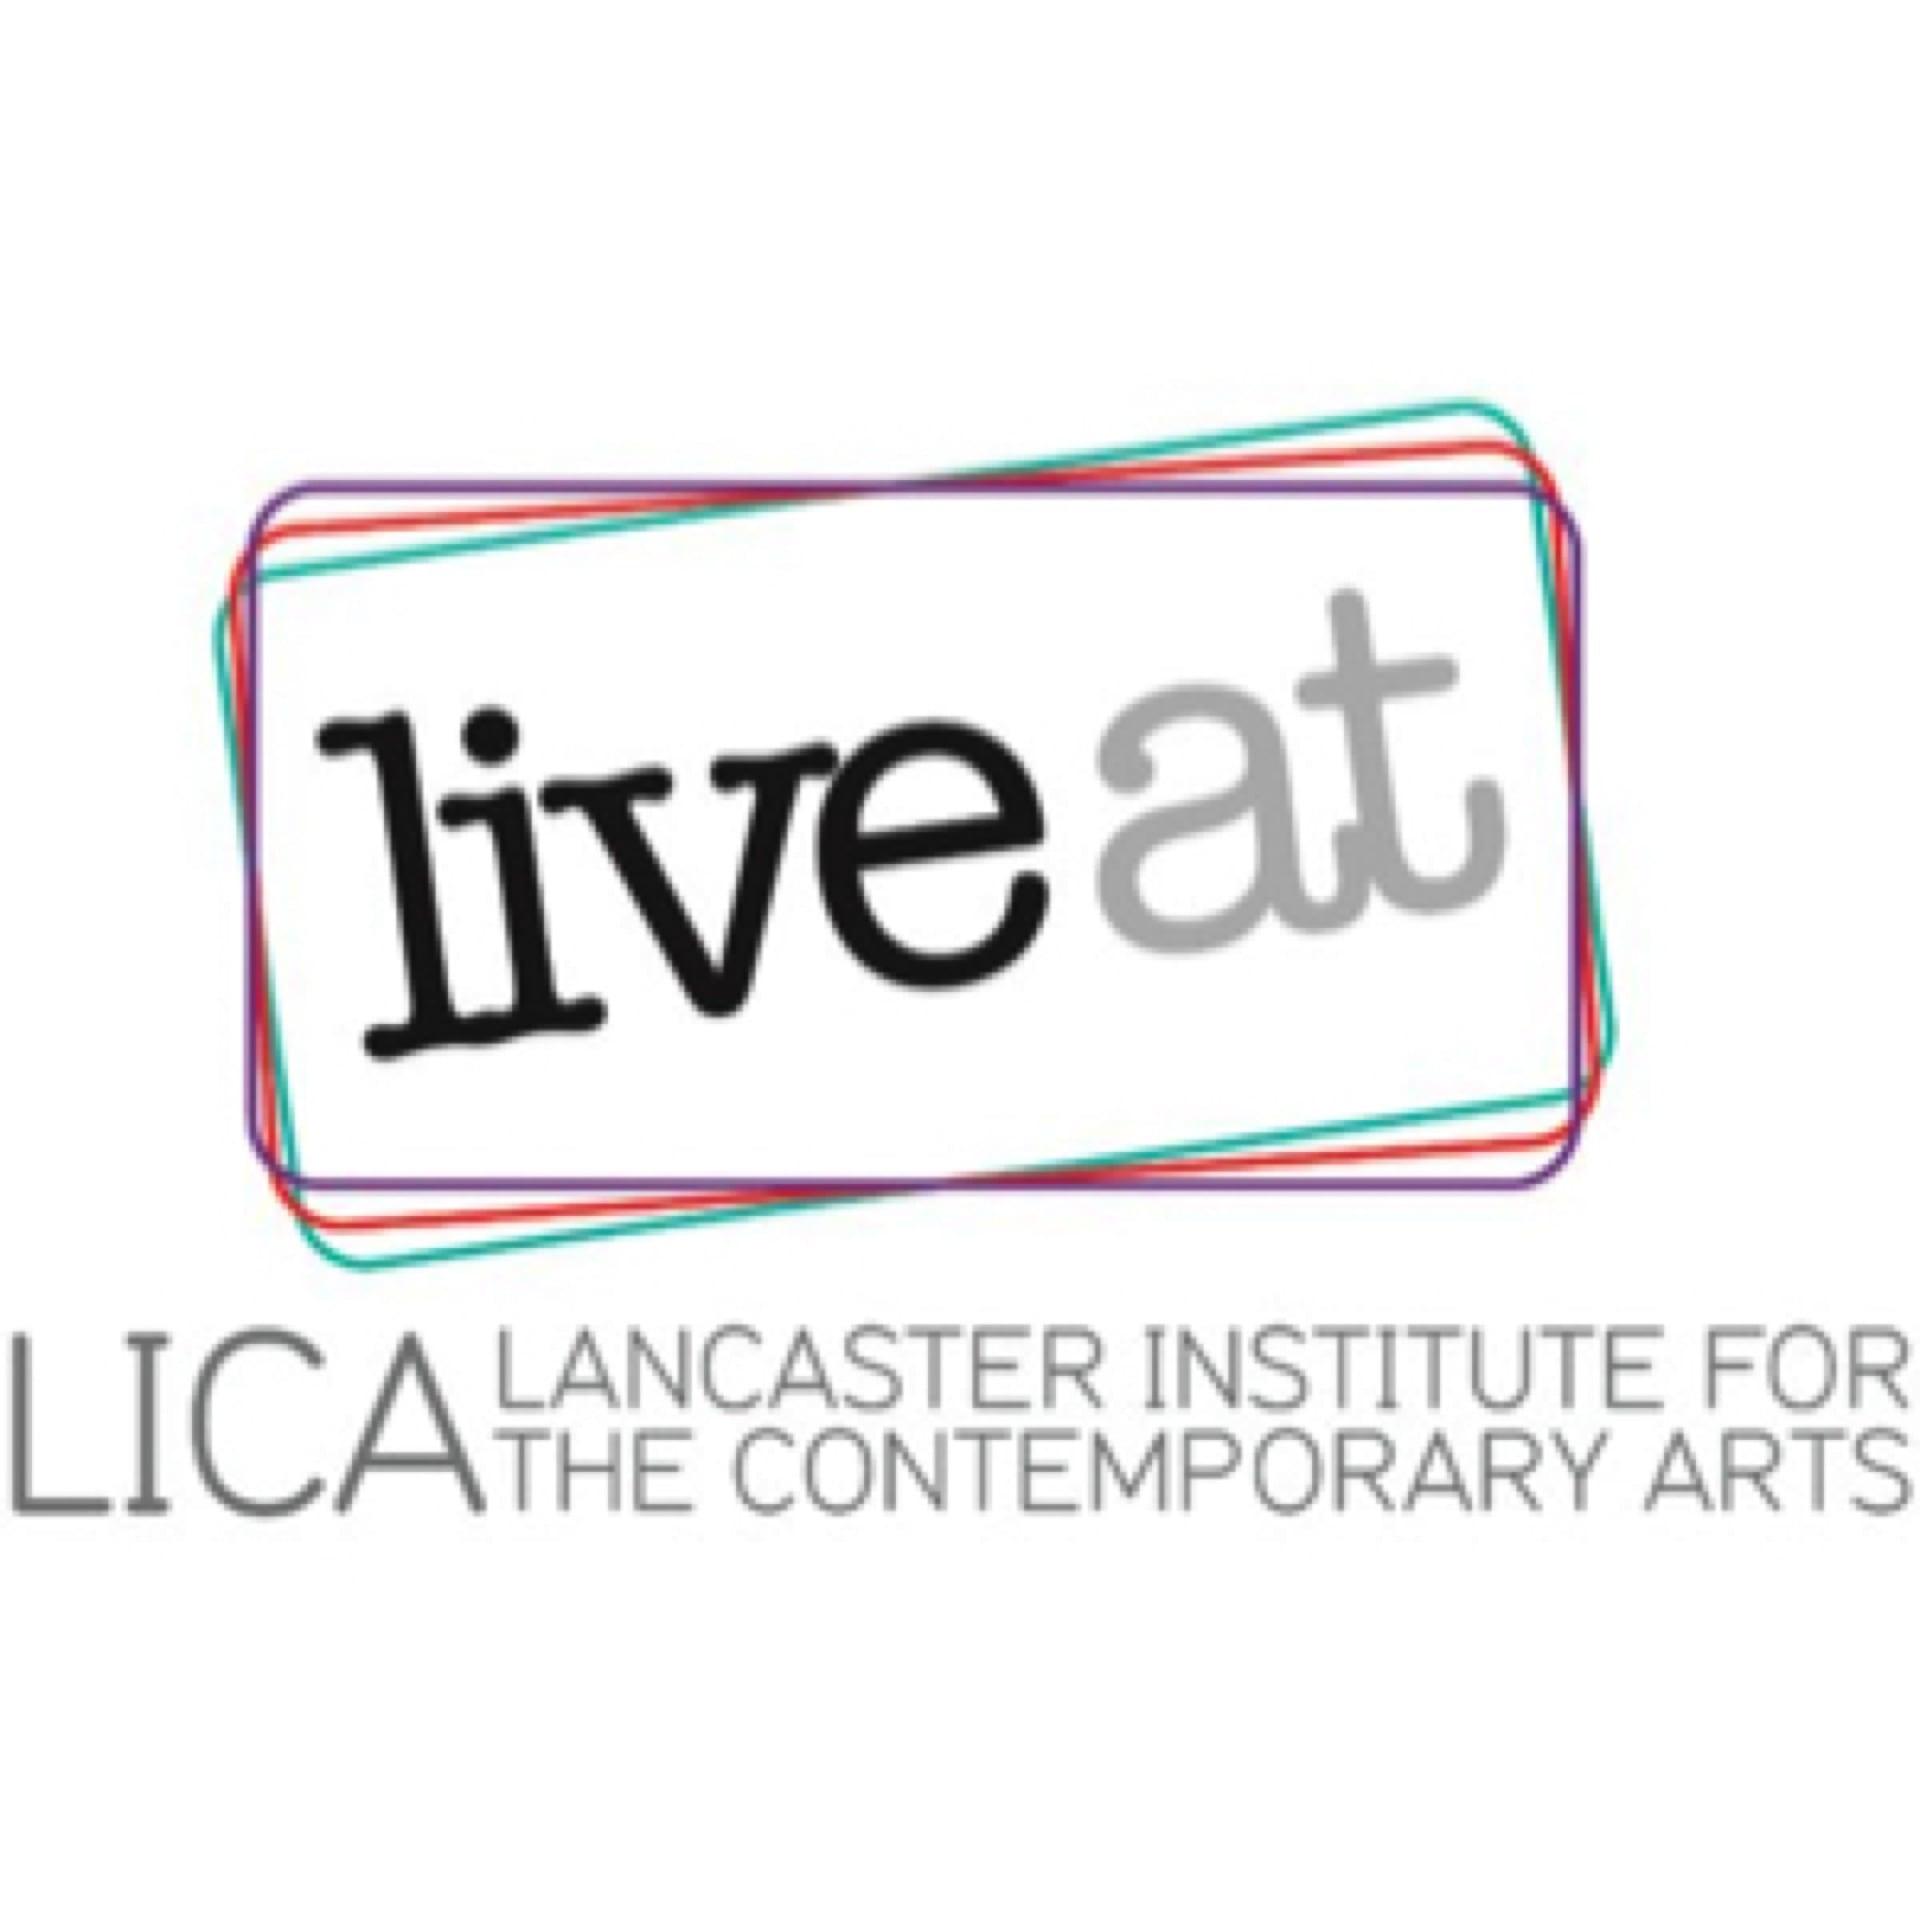 Live at Lancaster